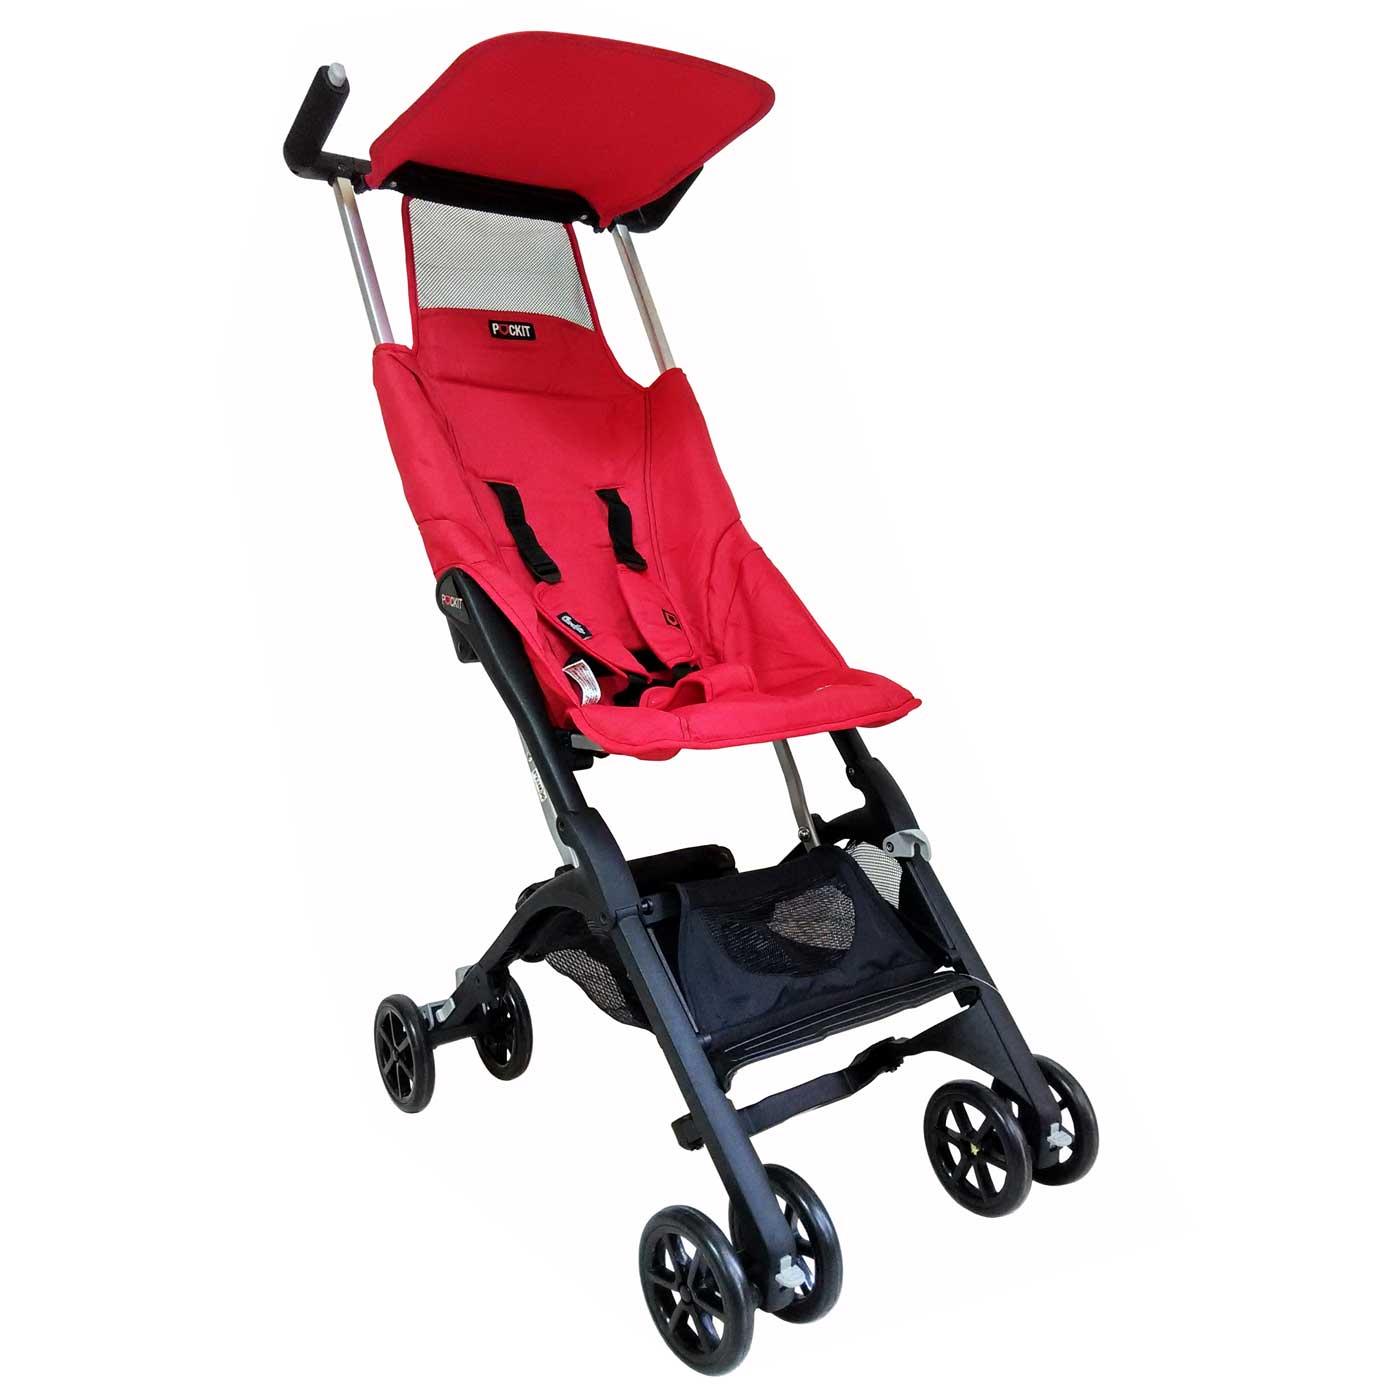 Cocolatte Stroller CL 688 Pockit Red C